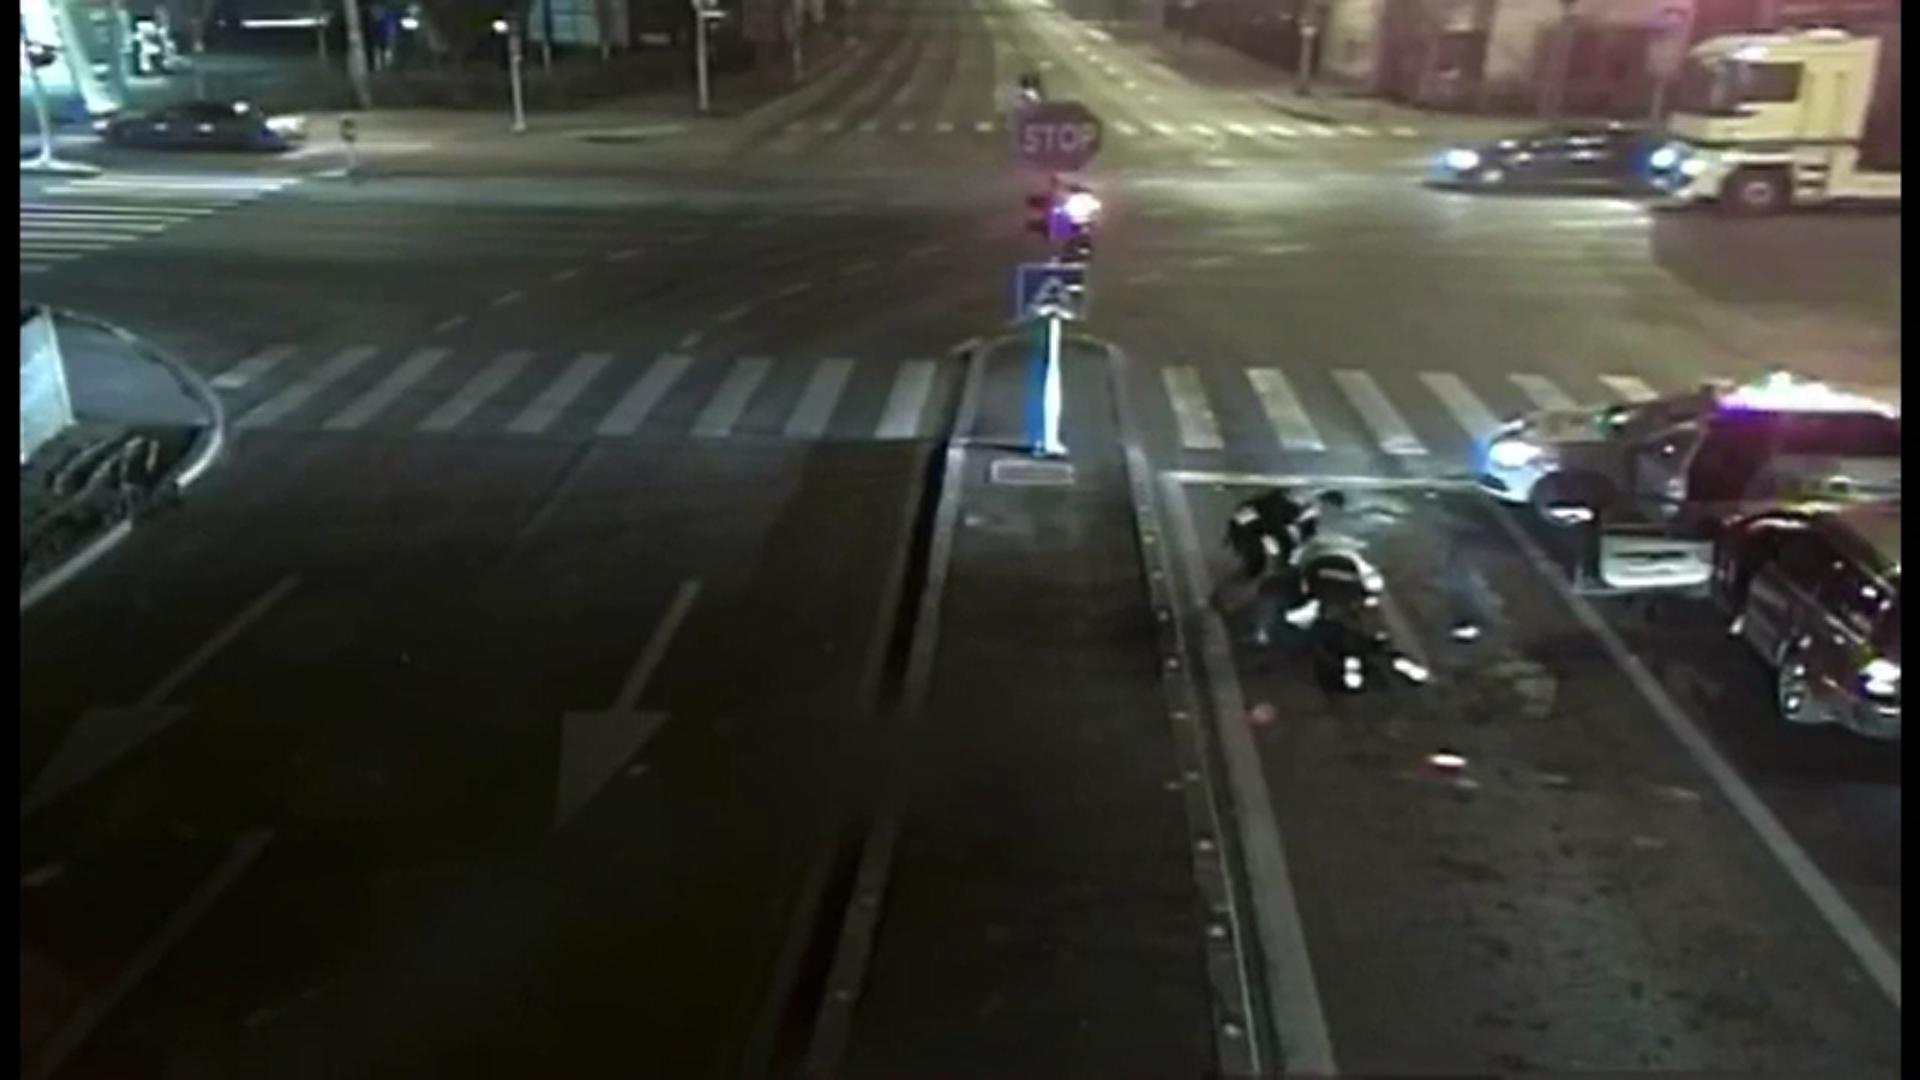 Un băiat de 17 ani, băut și fără permis, a furat o mașină și s-a luptat cu polițiștii din Timișoara